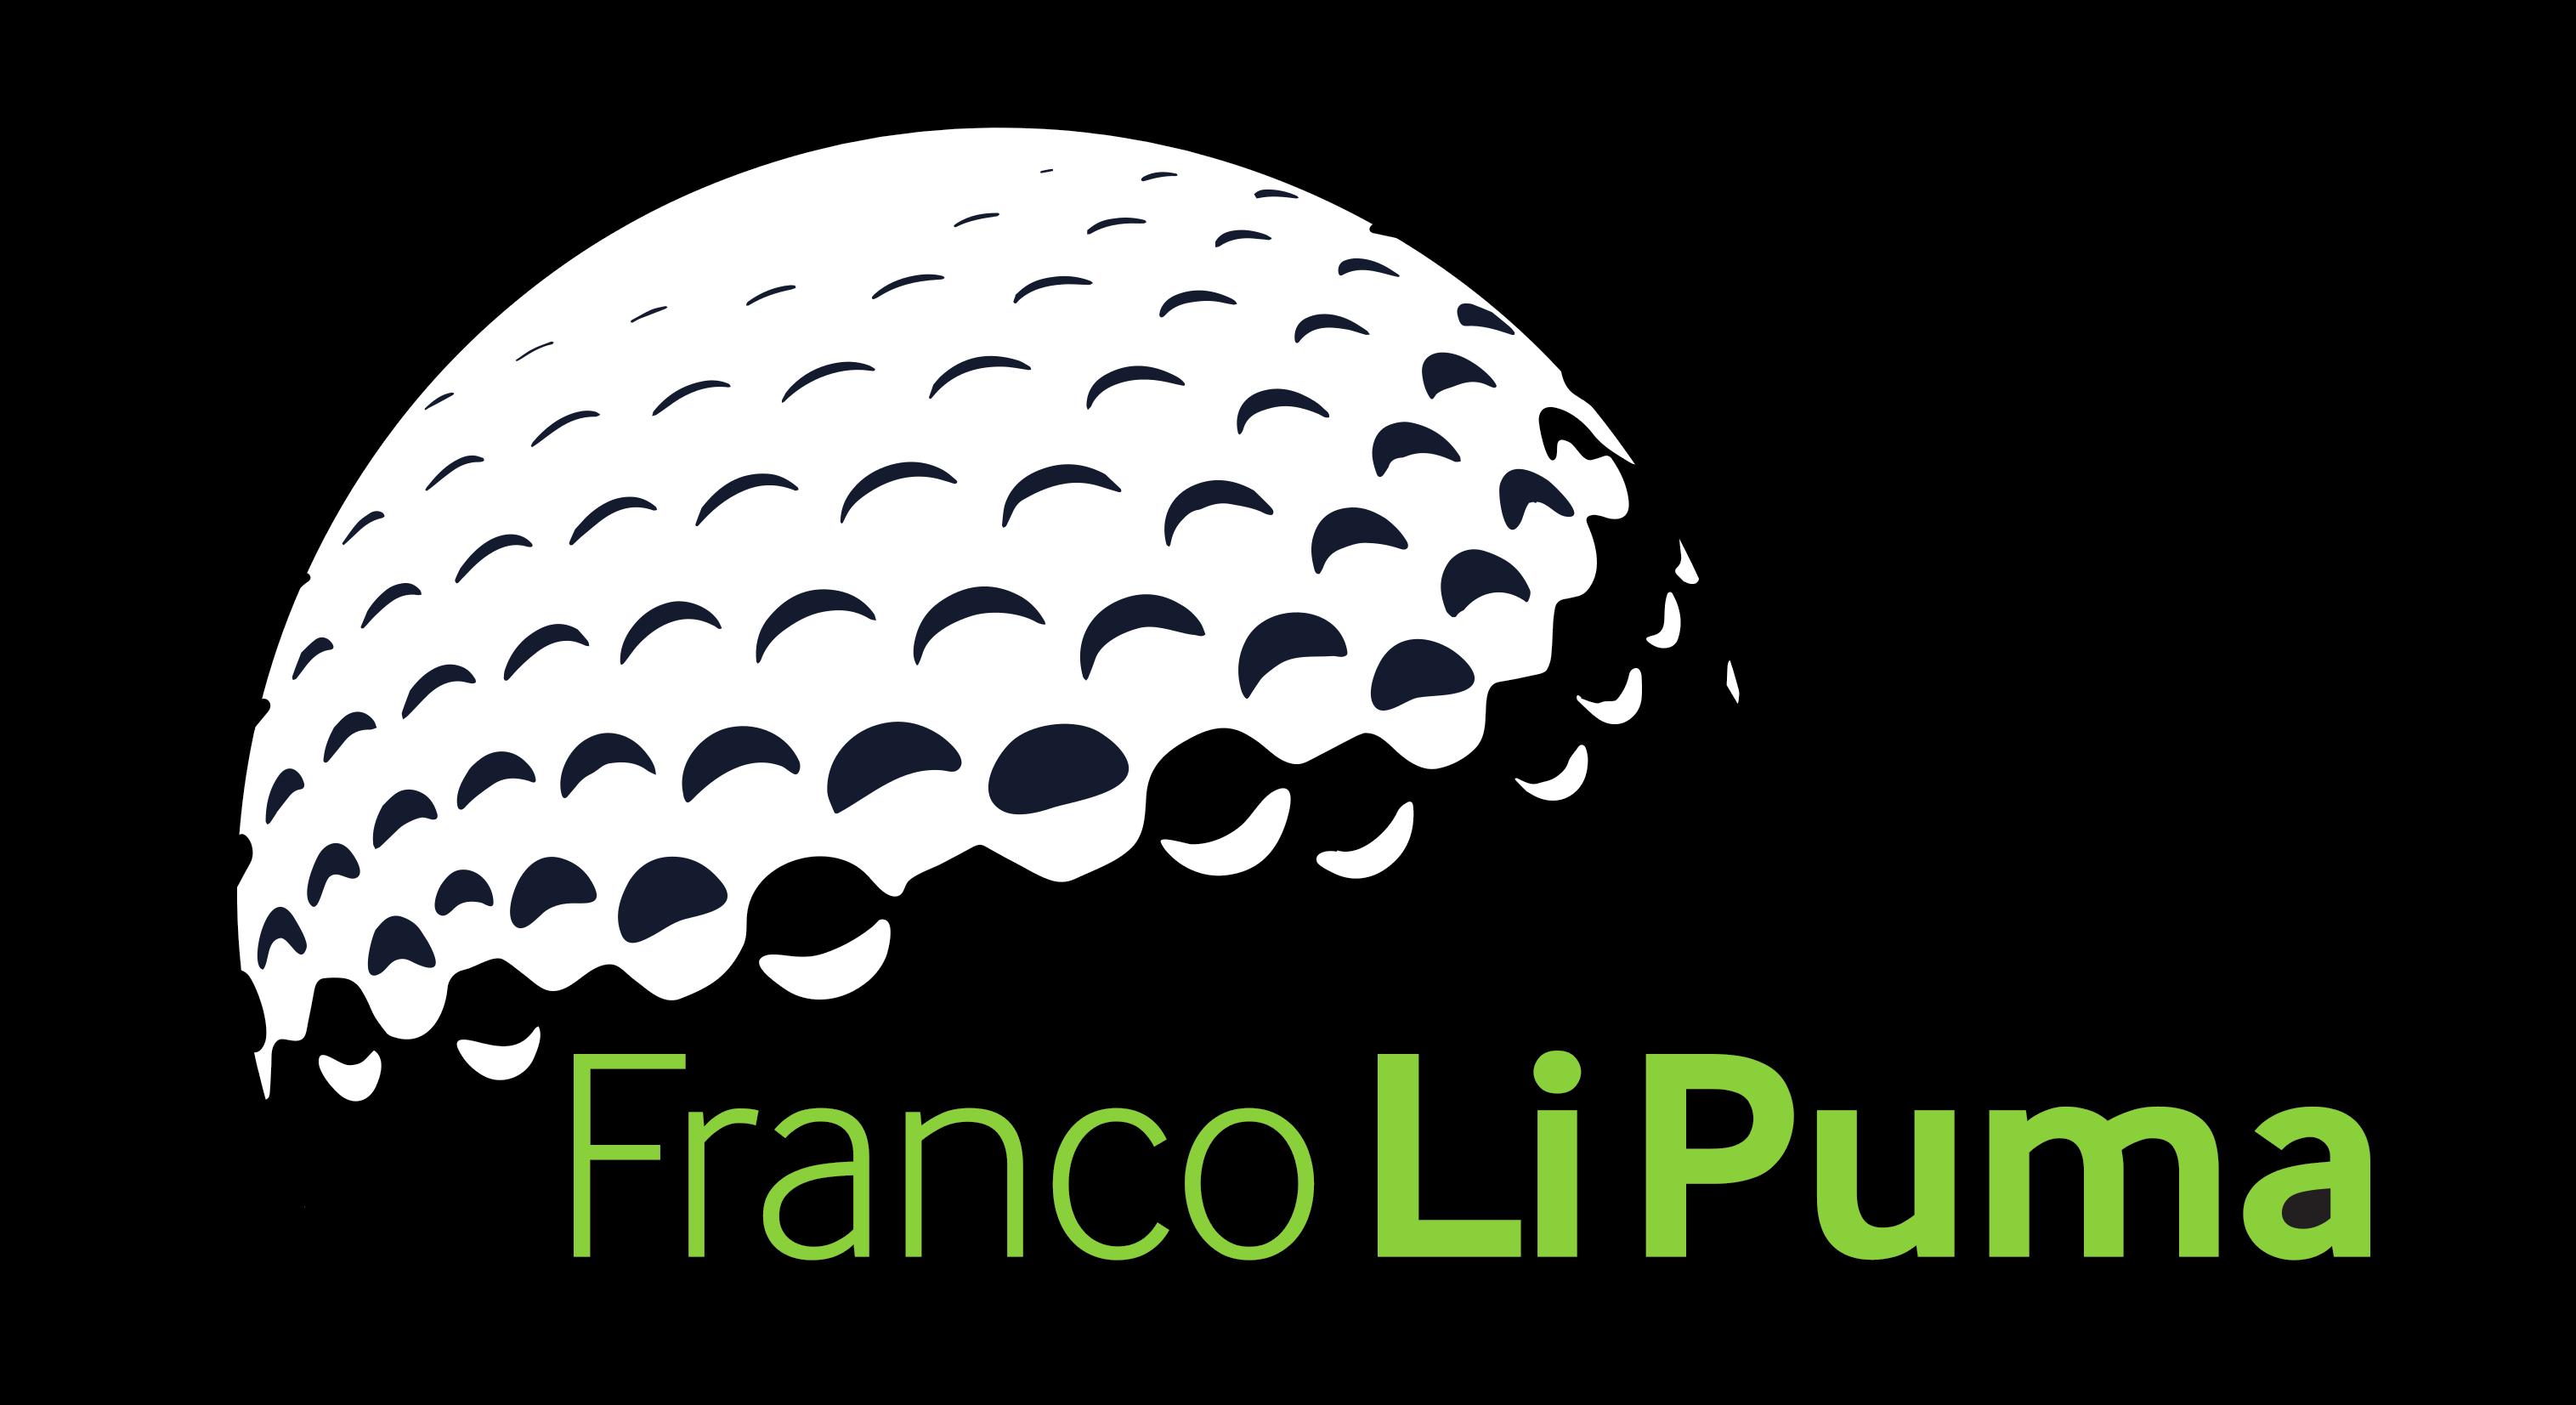 Franco Li Puma